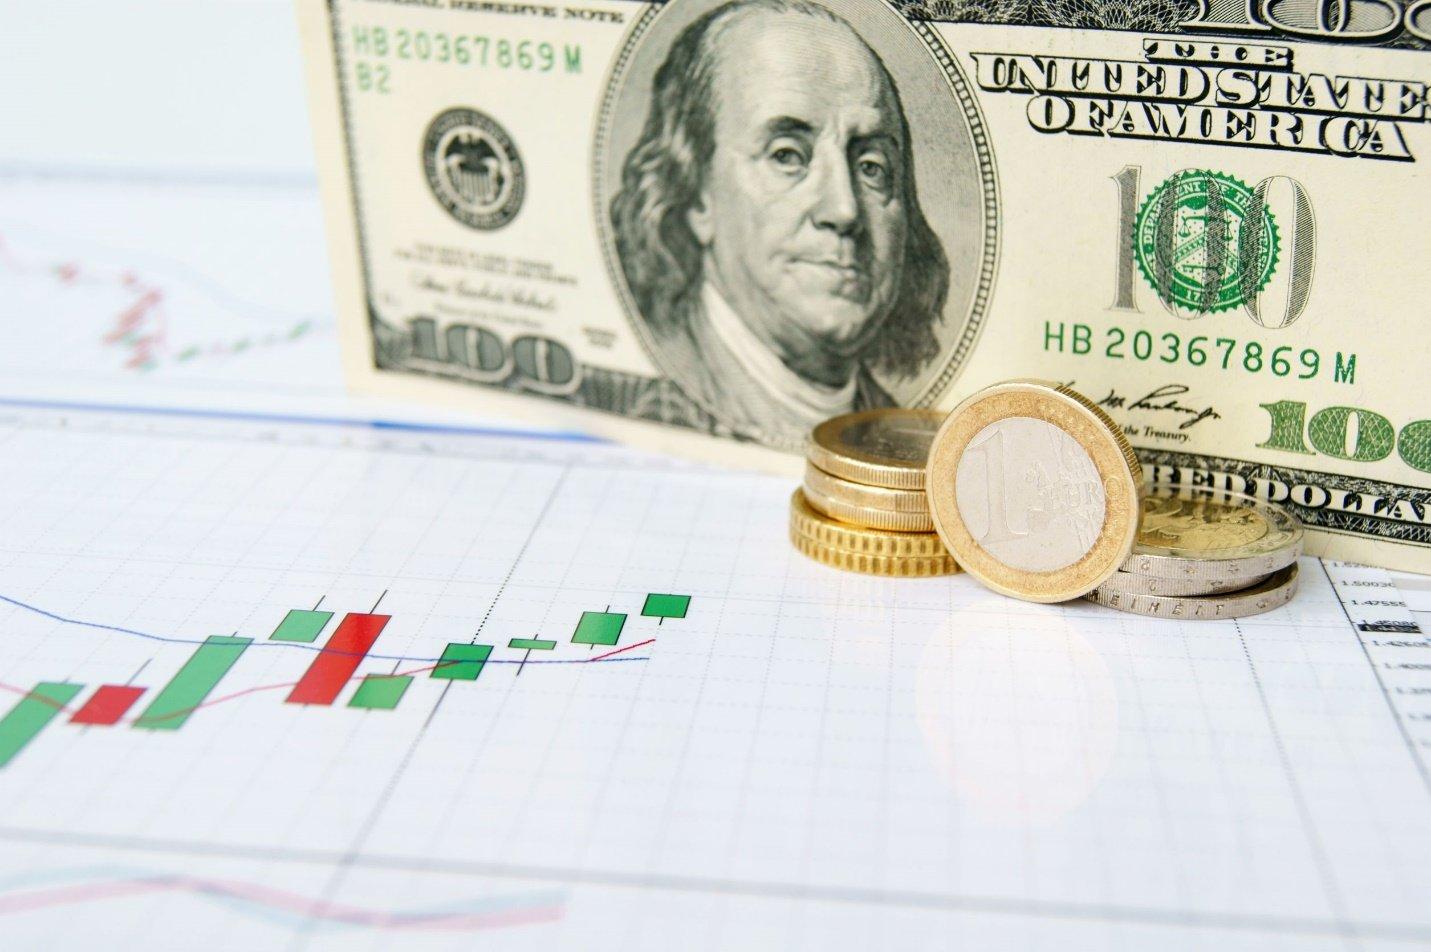 У реквот существуют определенные причины, среди которых обычно выделяют высокую рыночную волатильность